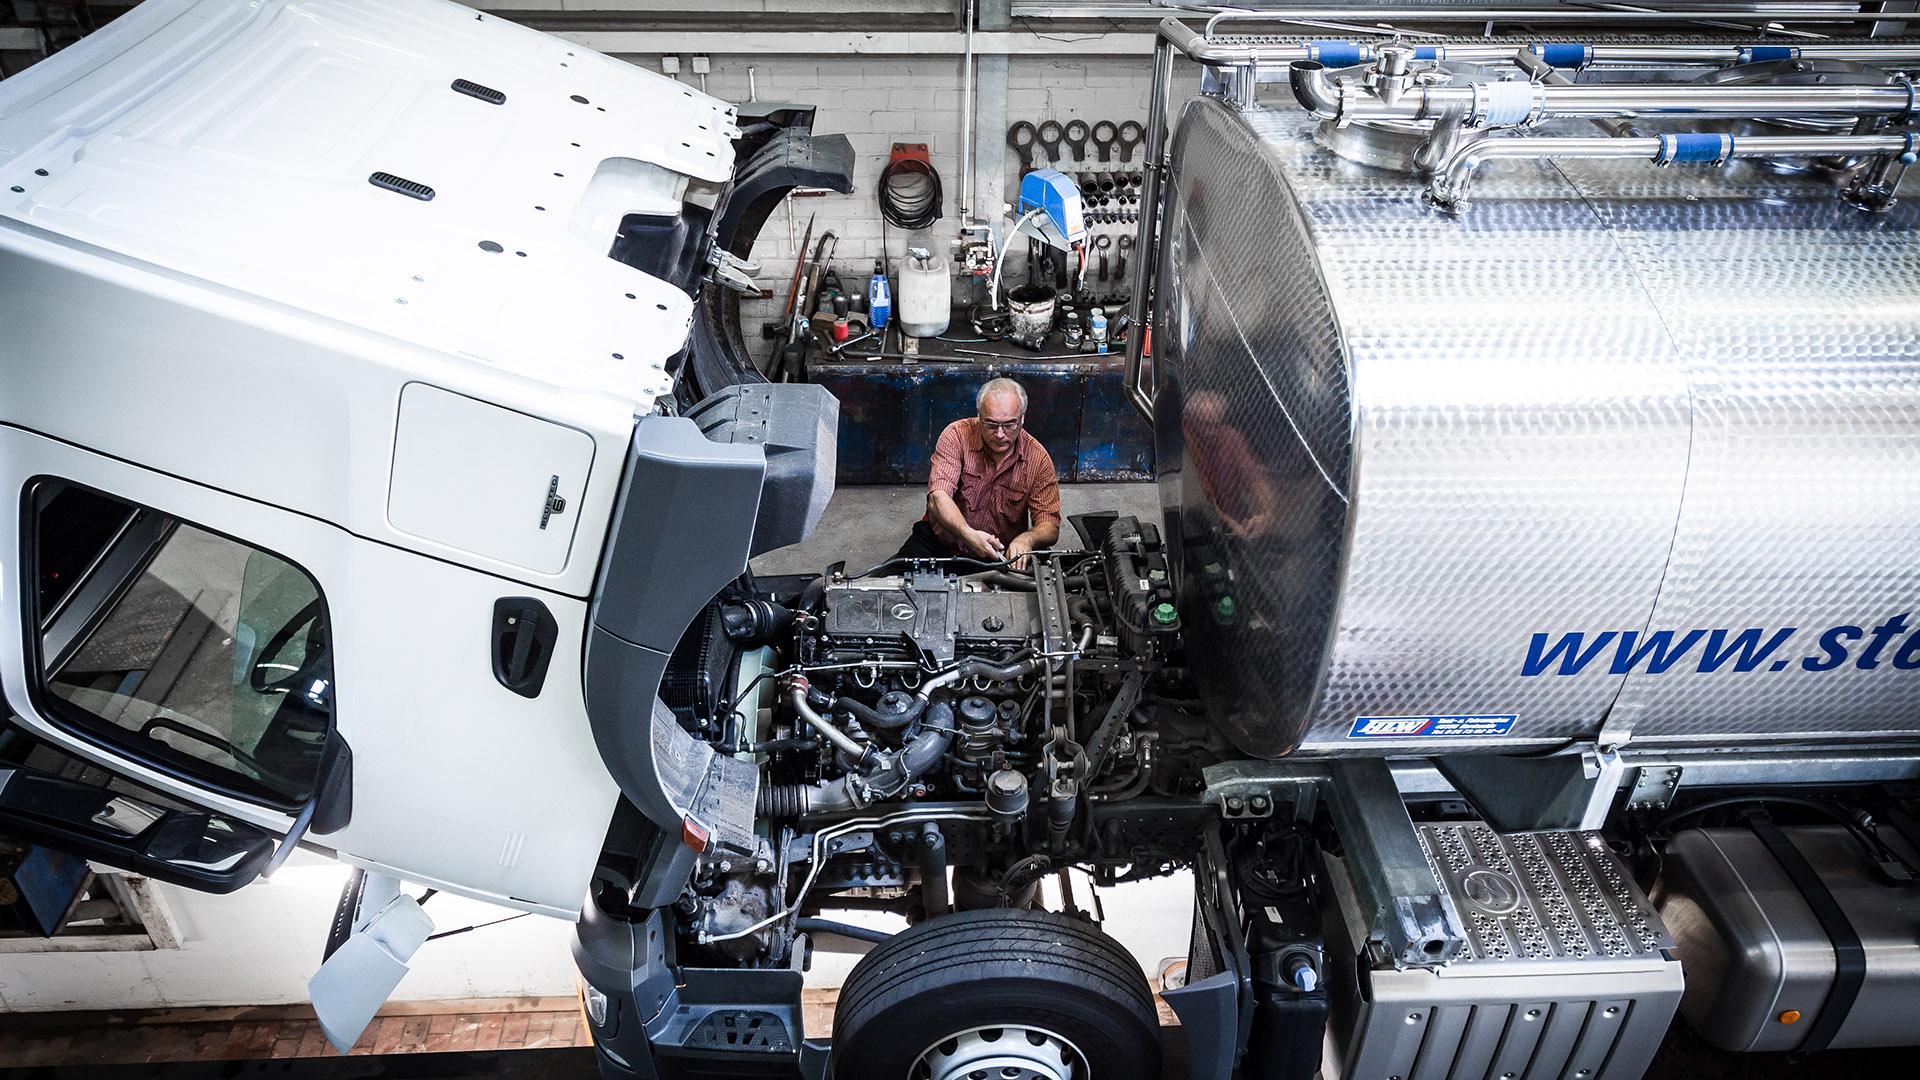 Stenkamp Werkstatt LKW reparieren Logistik Borken Duisburg Lebensmittel Lager Transport